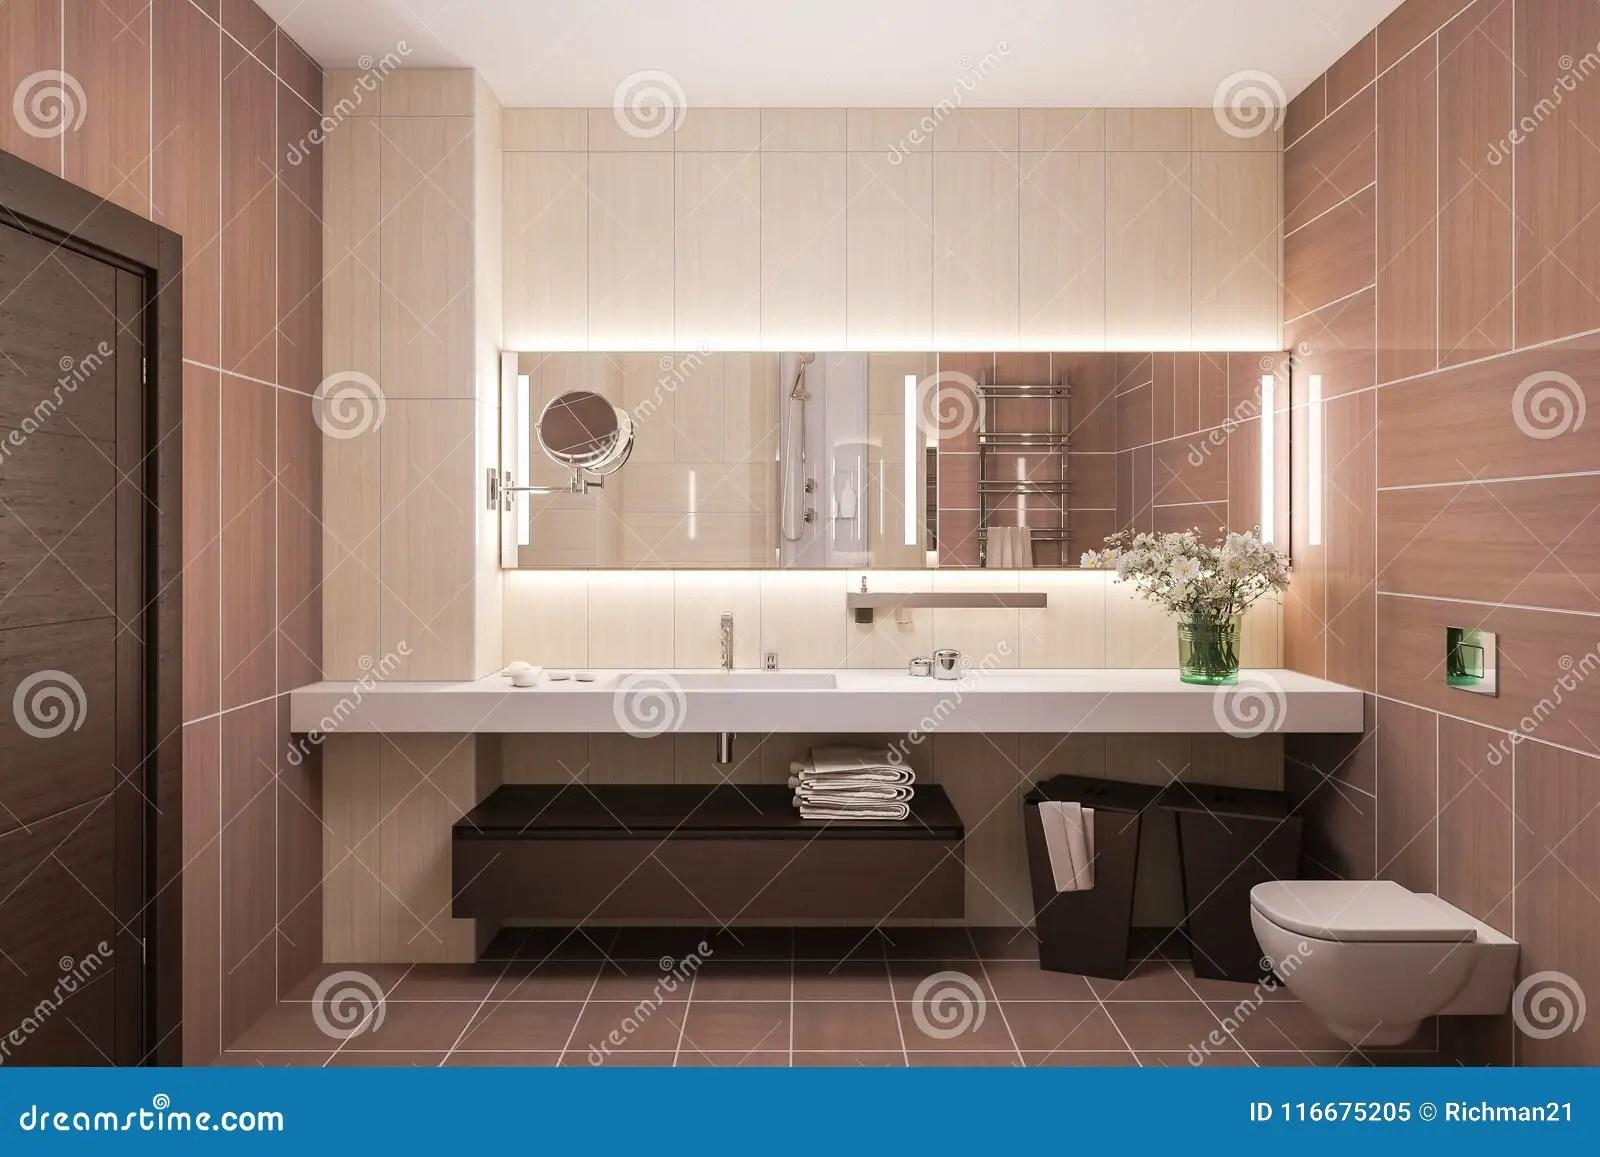 Diseñar Cuarto De Baño | 55 Ideas De Baños Geniales Diseño De Interiores